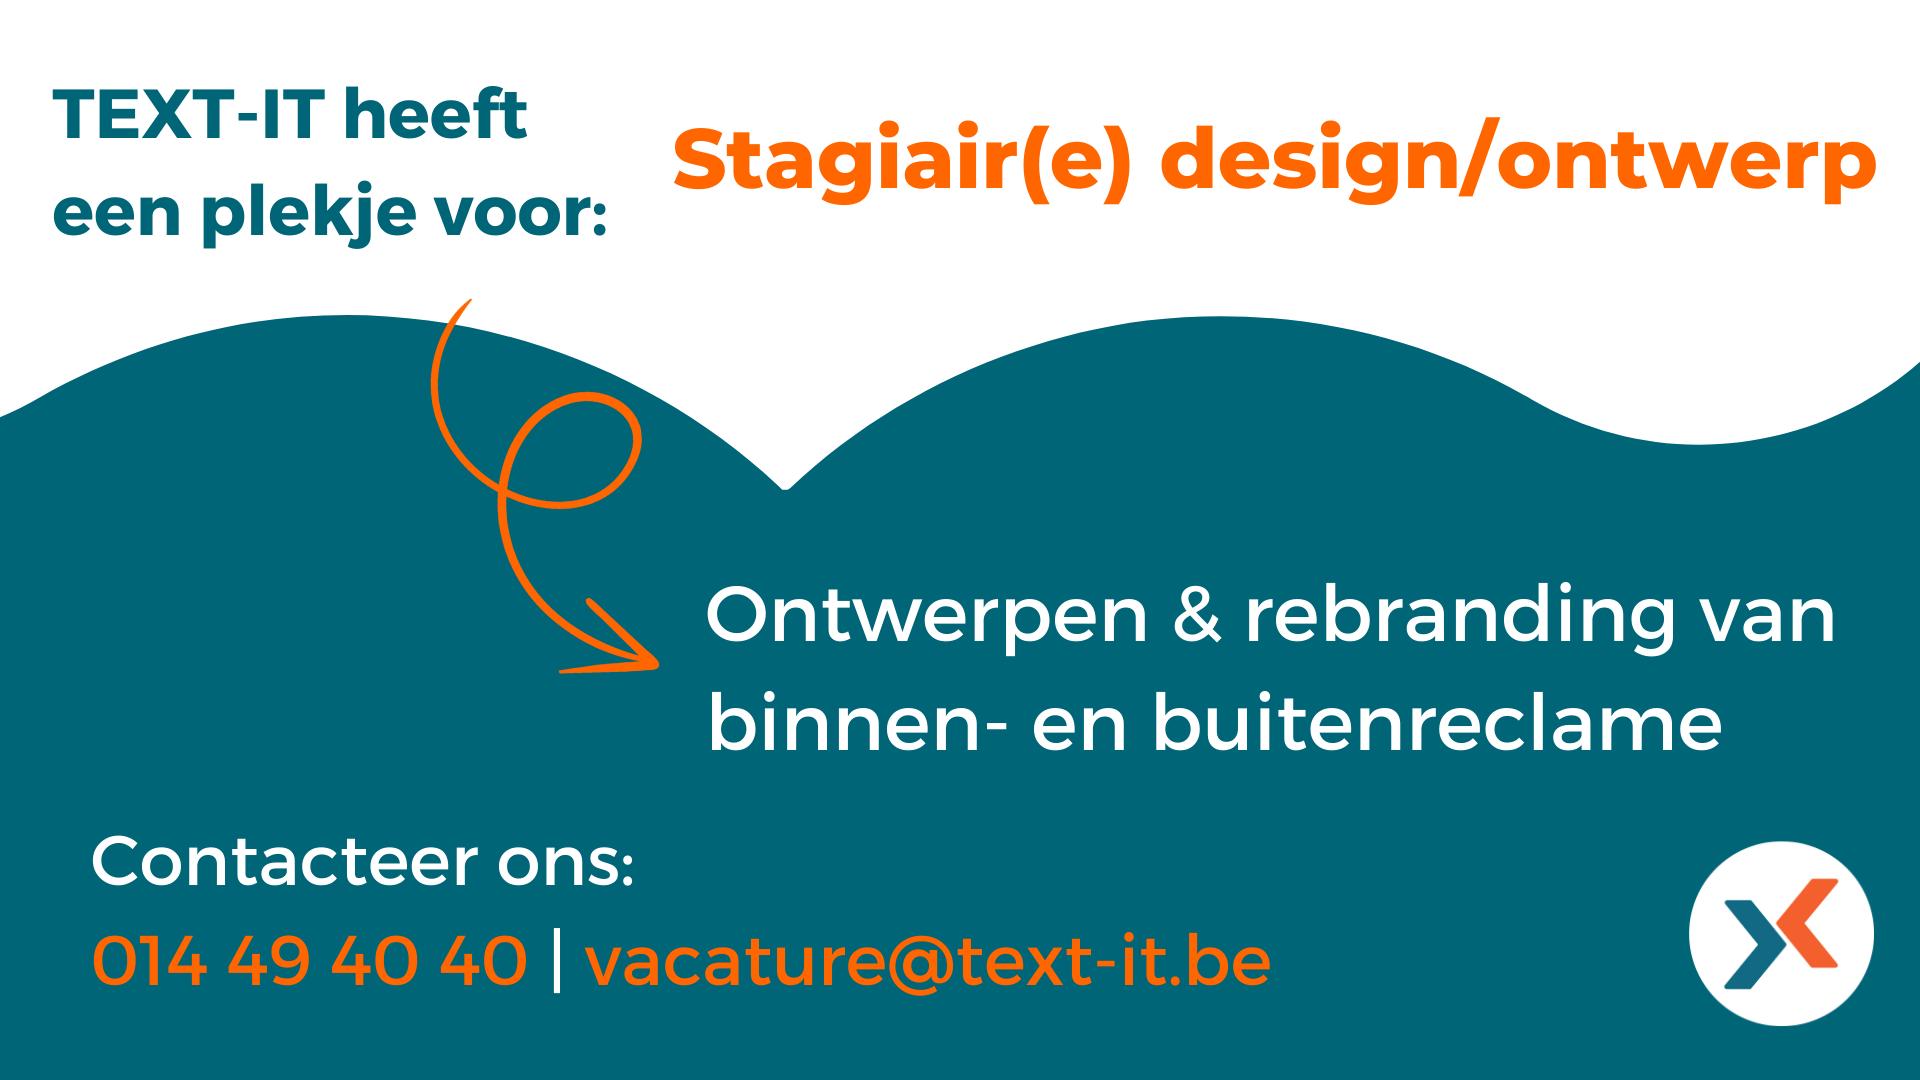 Stagiair(e) design ontwerp